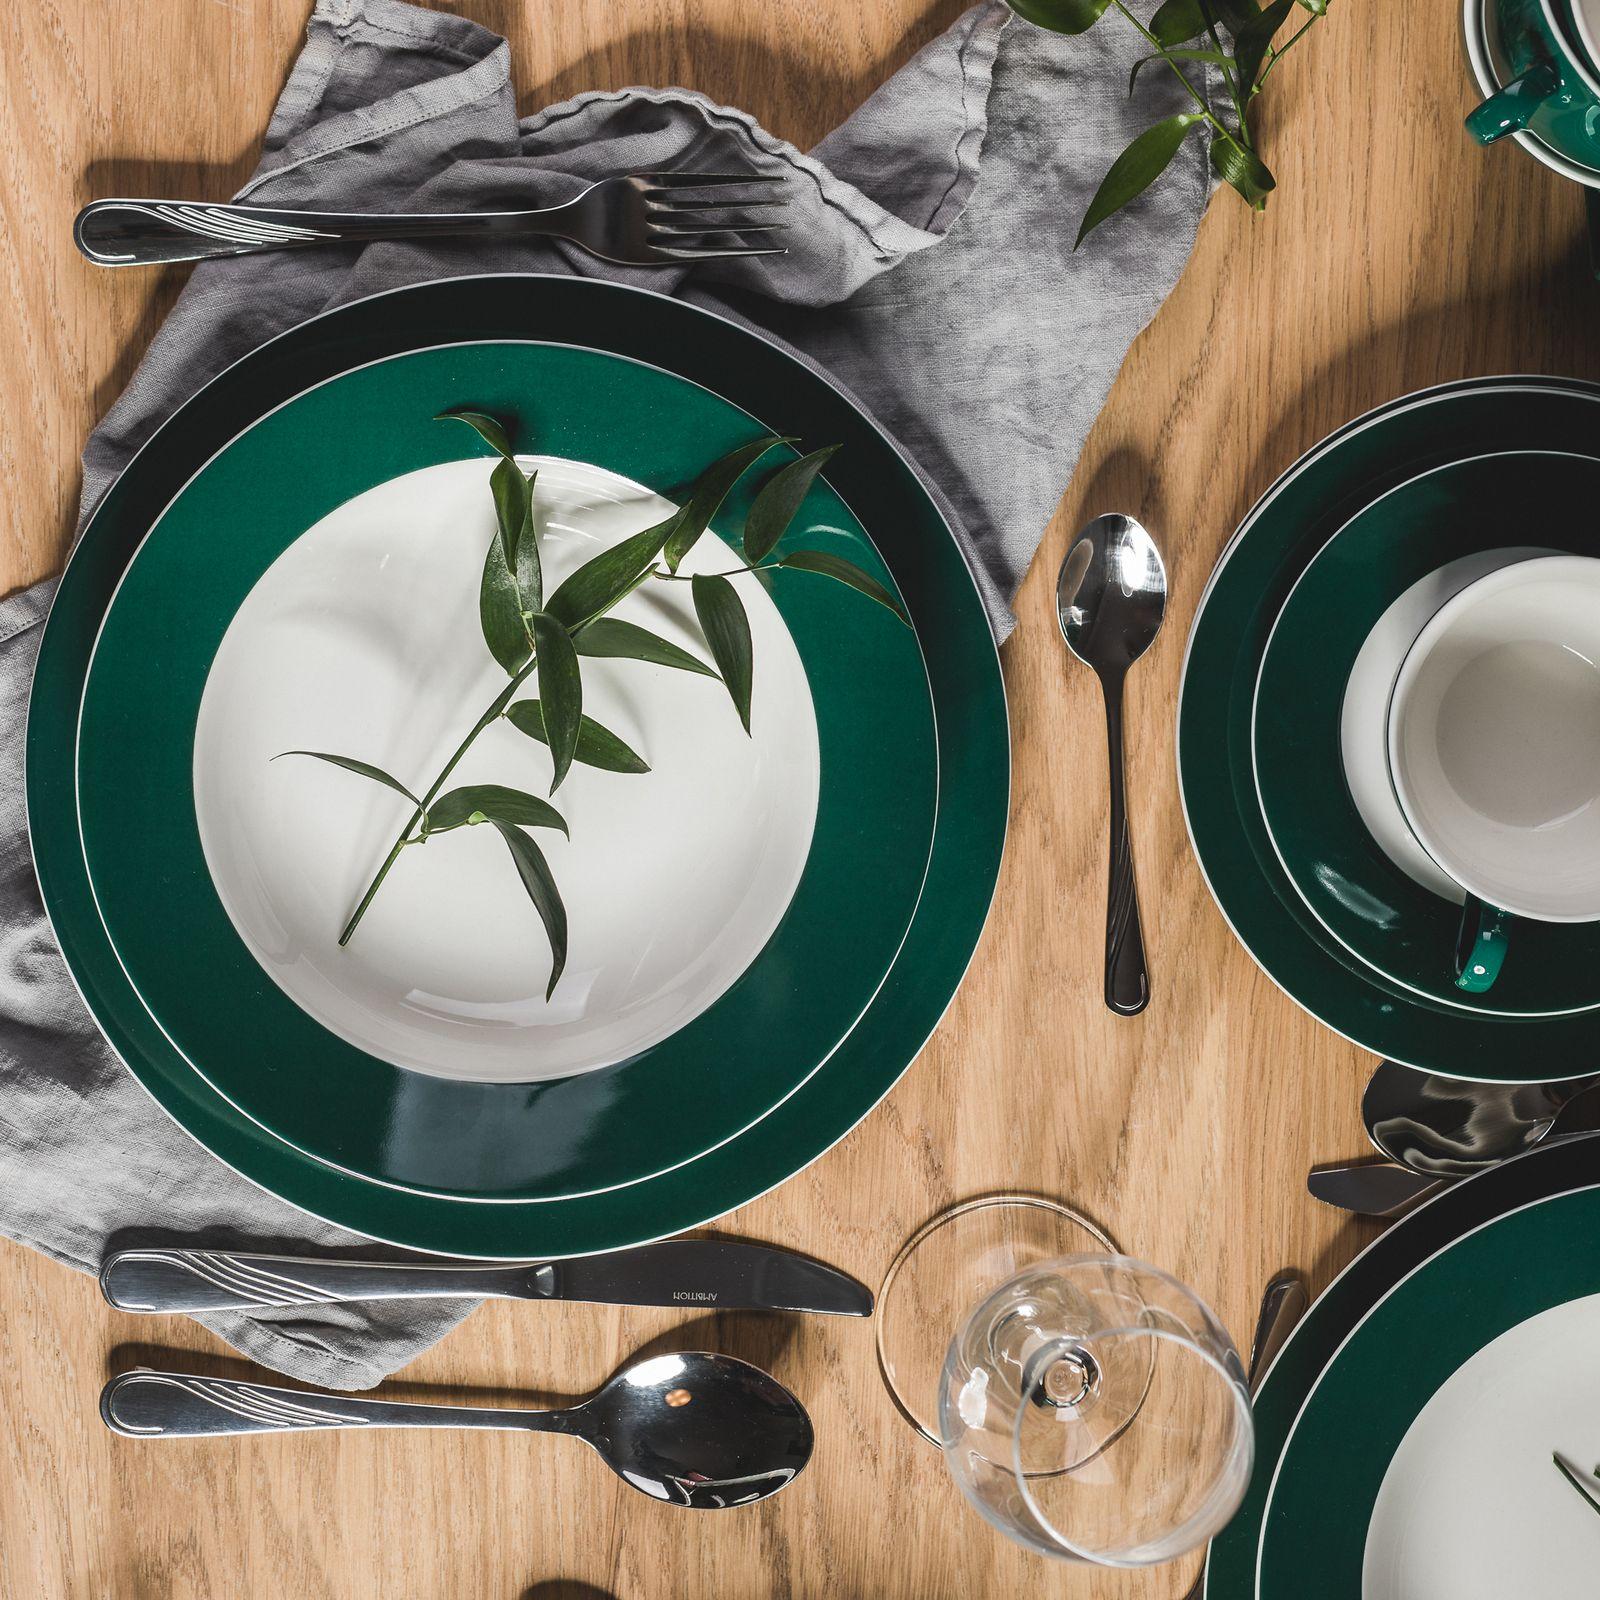 Serwis obiadowy Aura Green 60-elementowy AMBITION